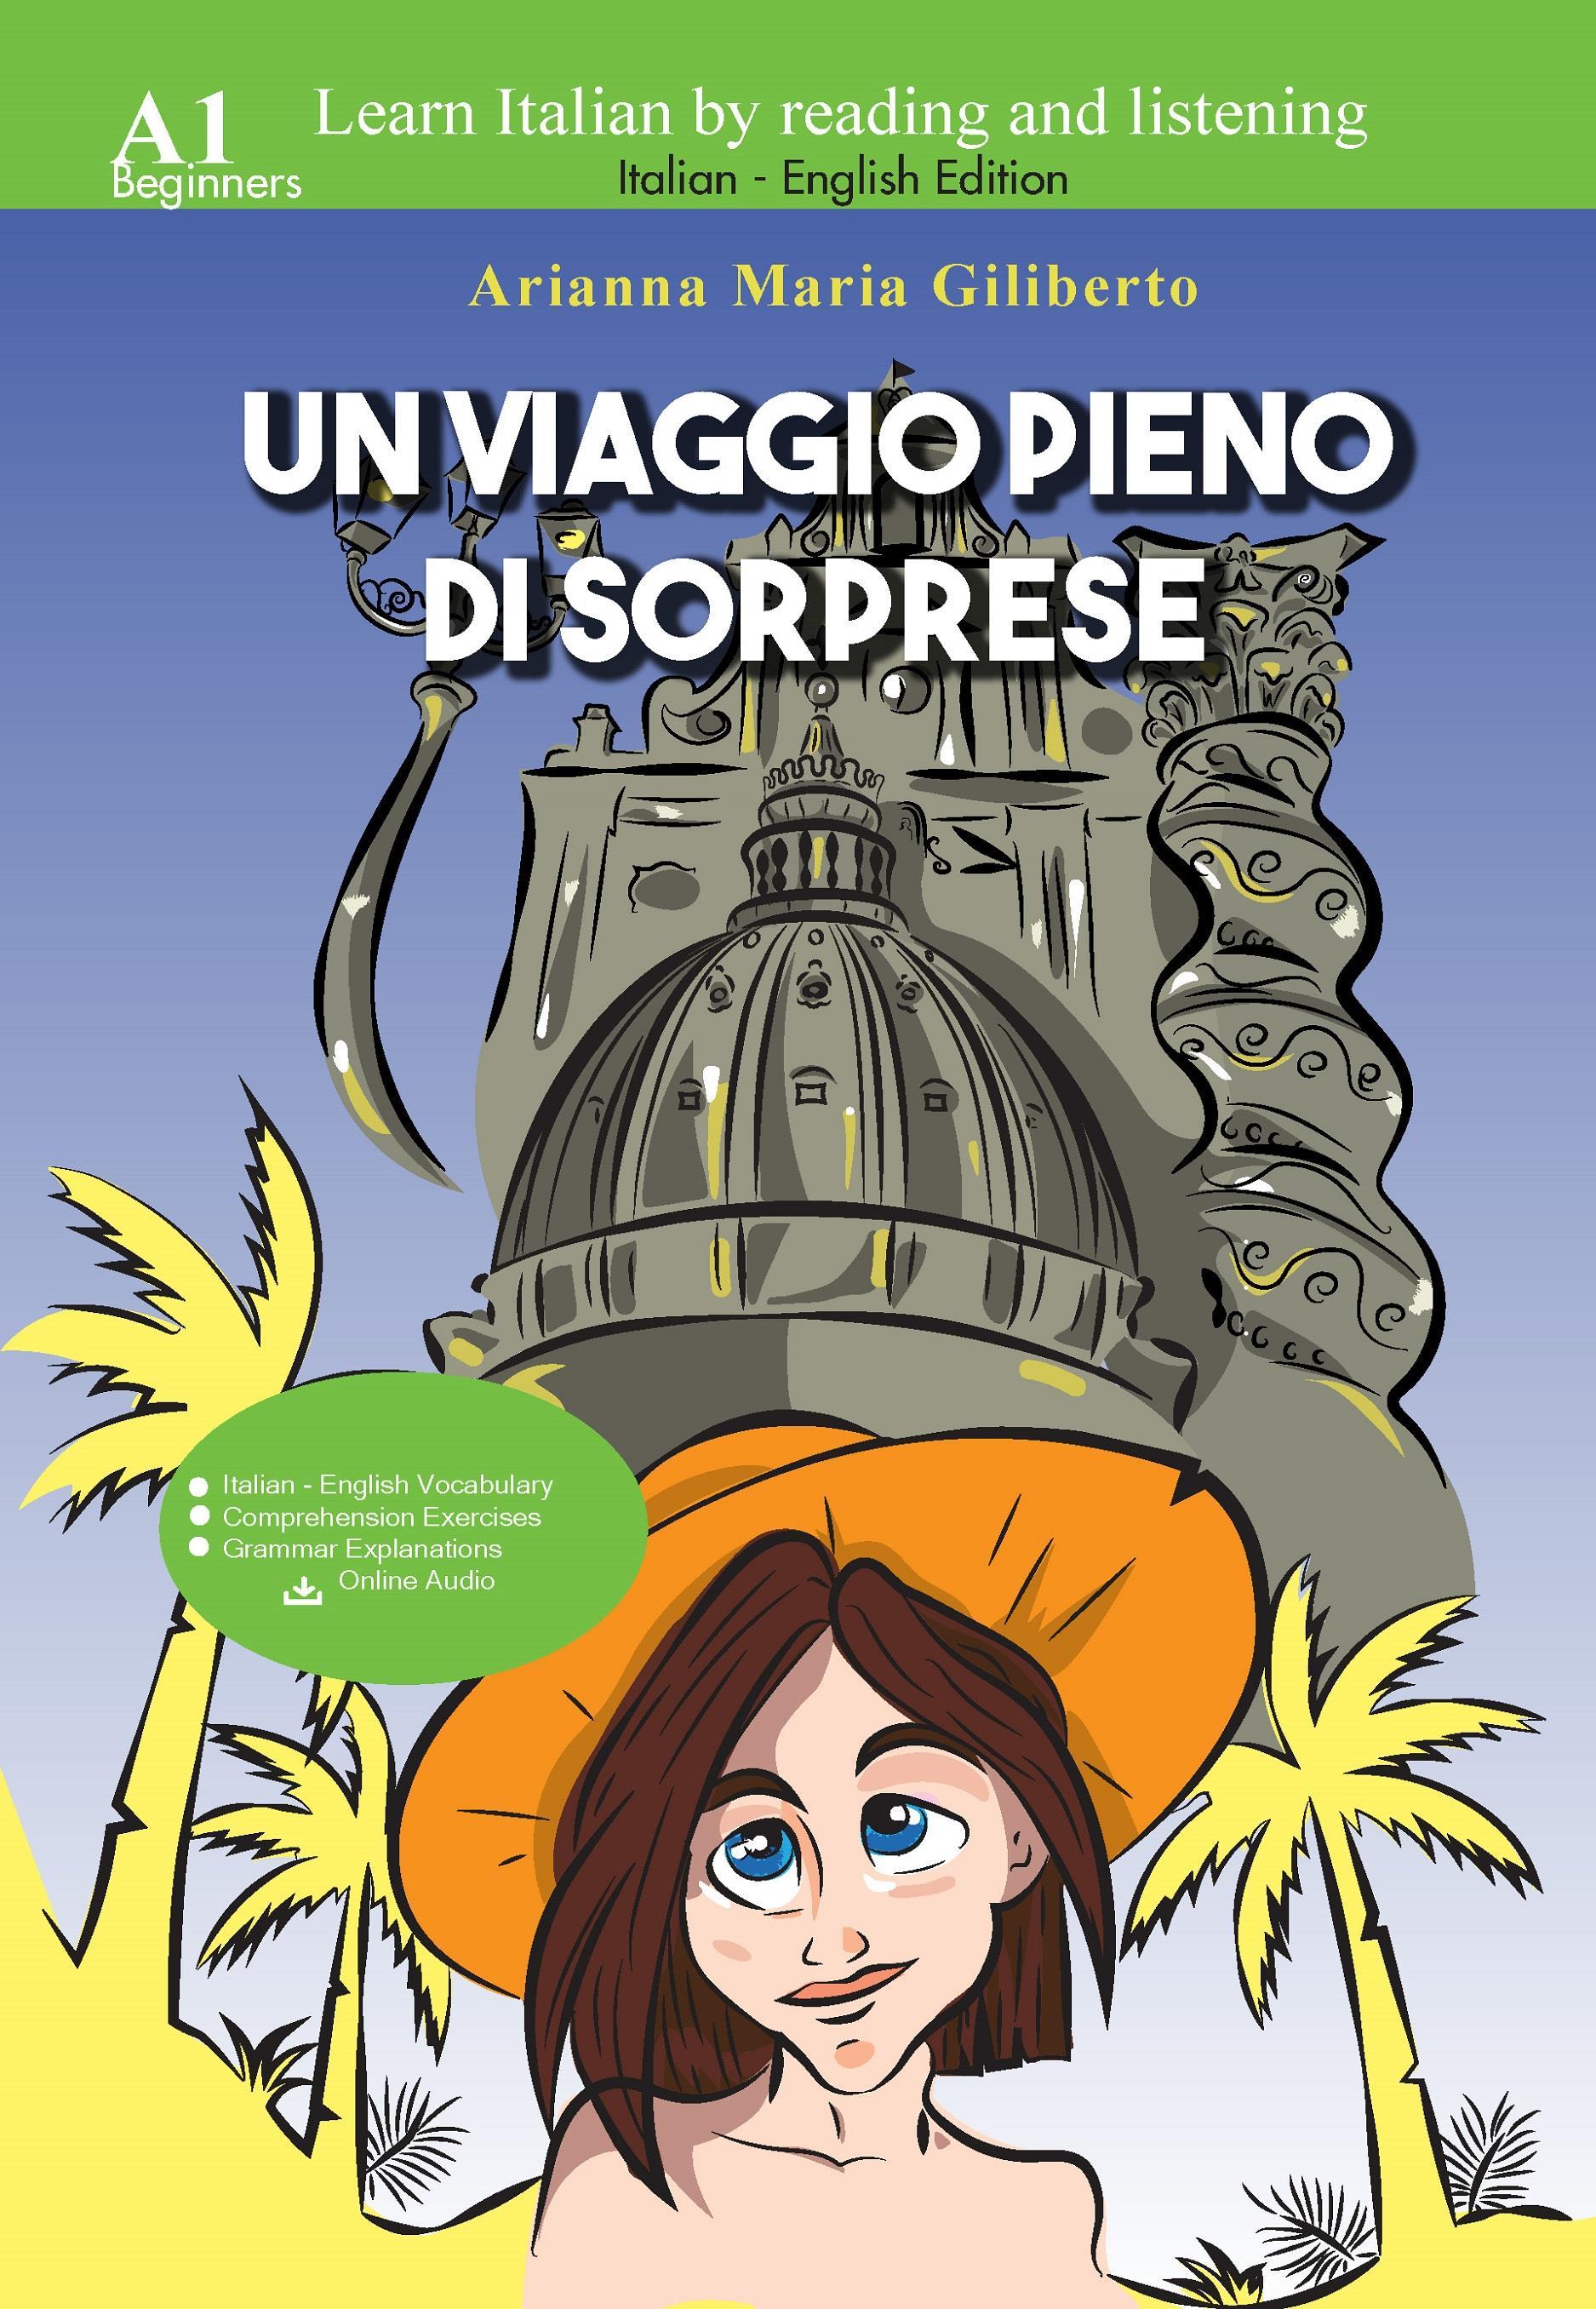 Un viaggio pieno di sorprese - Learn Italian by Reading and Listening